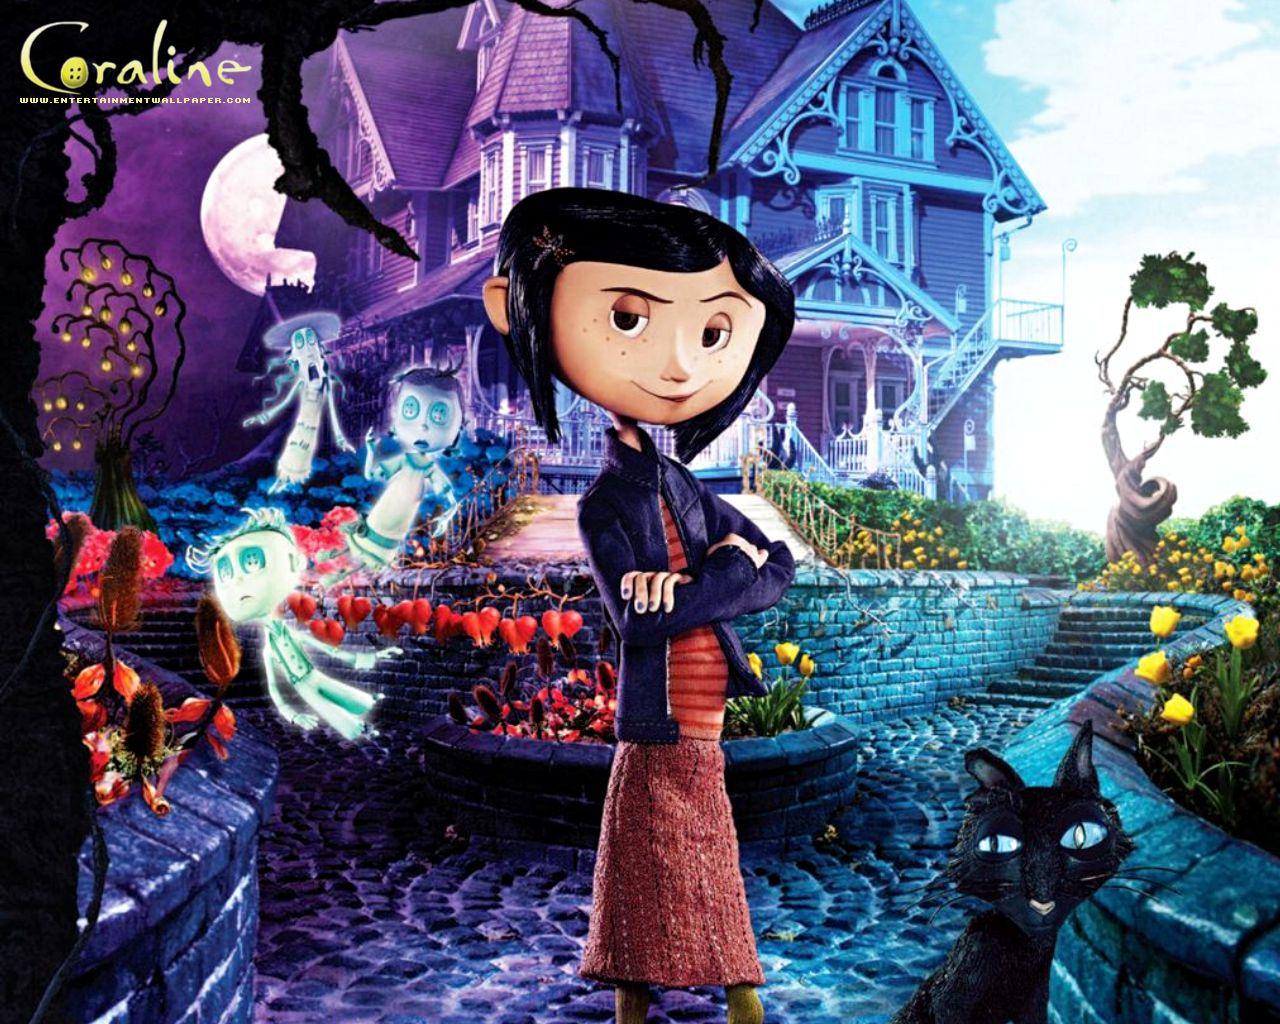 Cerita Film Coraline